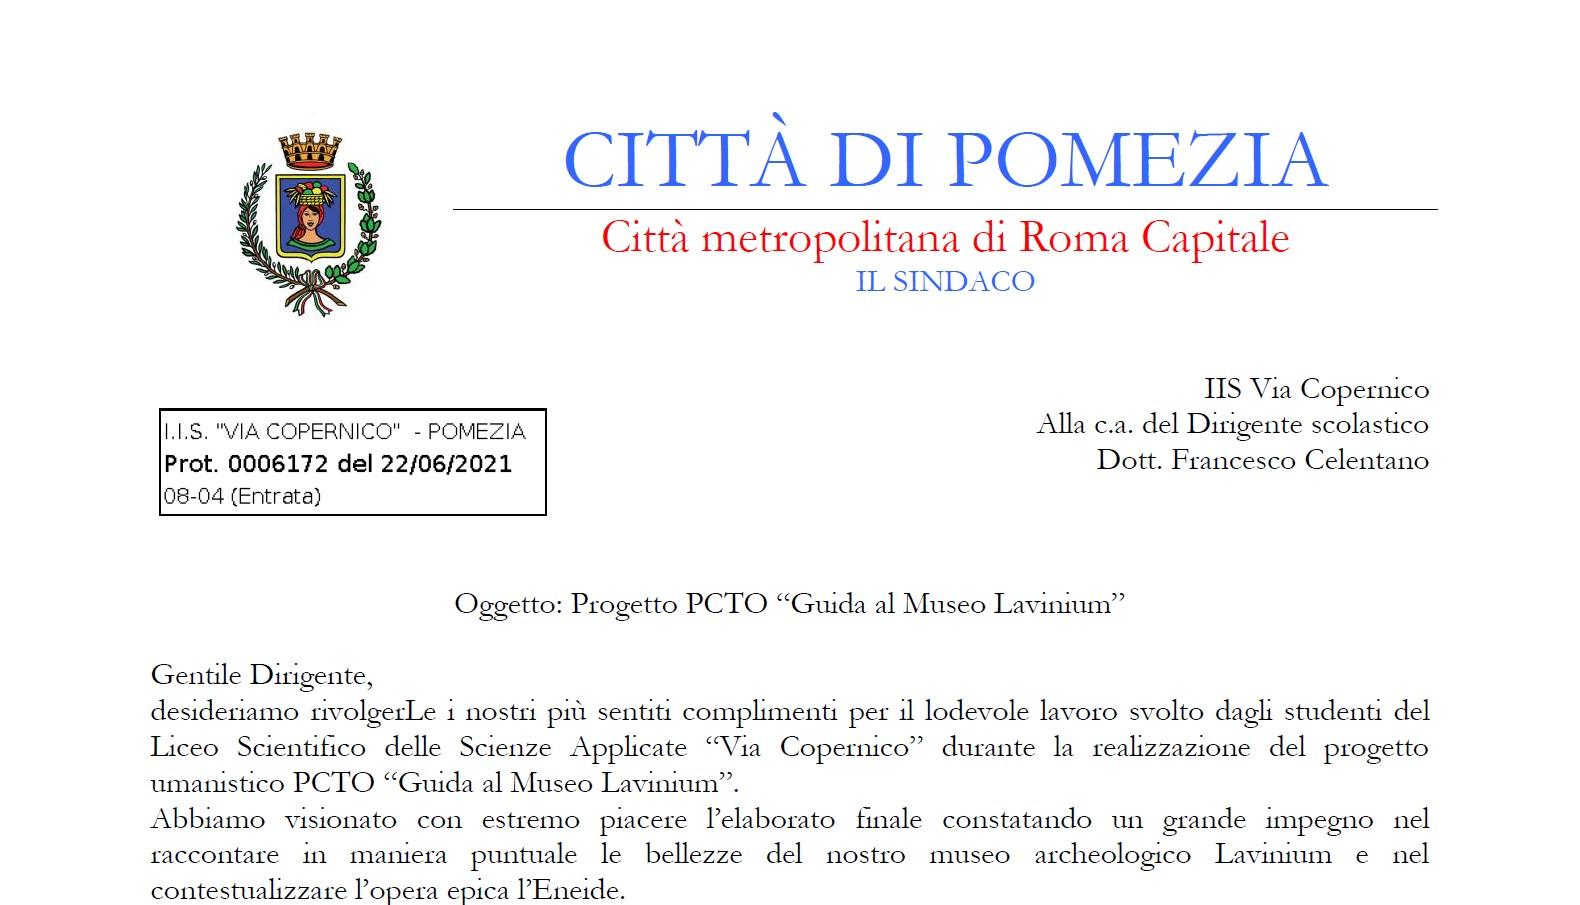 Complimenti della Città di Pomezia al lavoro del Progetto PCTO - Guida al Museo Lavinium - svolto d [..]